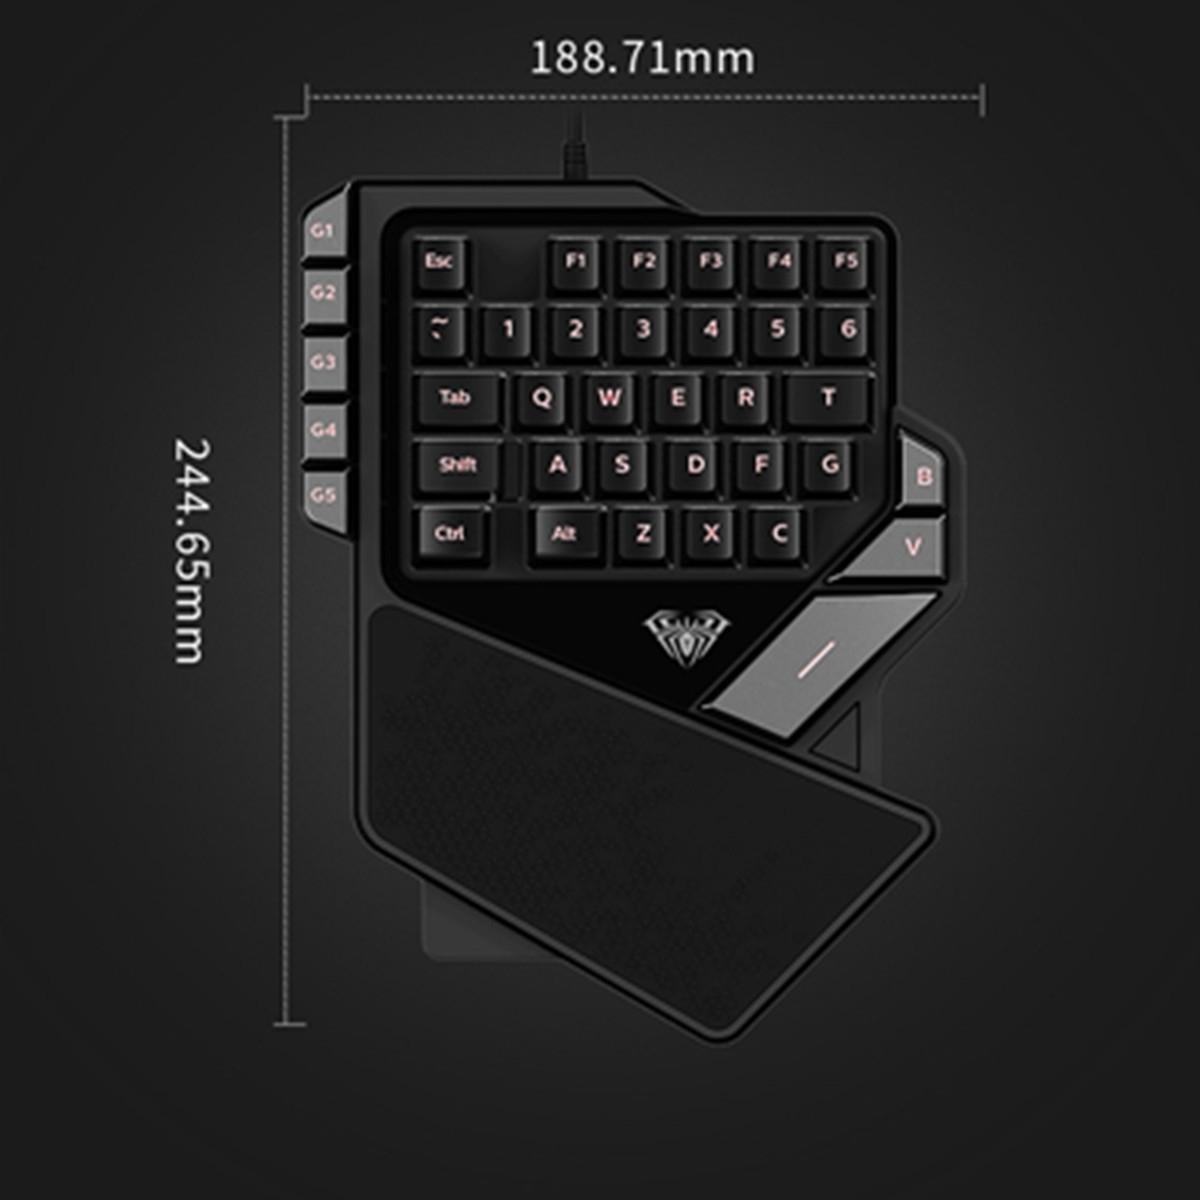 AULA-K2-38Keys-USB-Gaming-Keypad-Mini-LED-Backlit-Ergonomic-Single-Hand-Keyboard-1372379